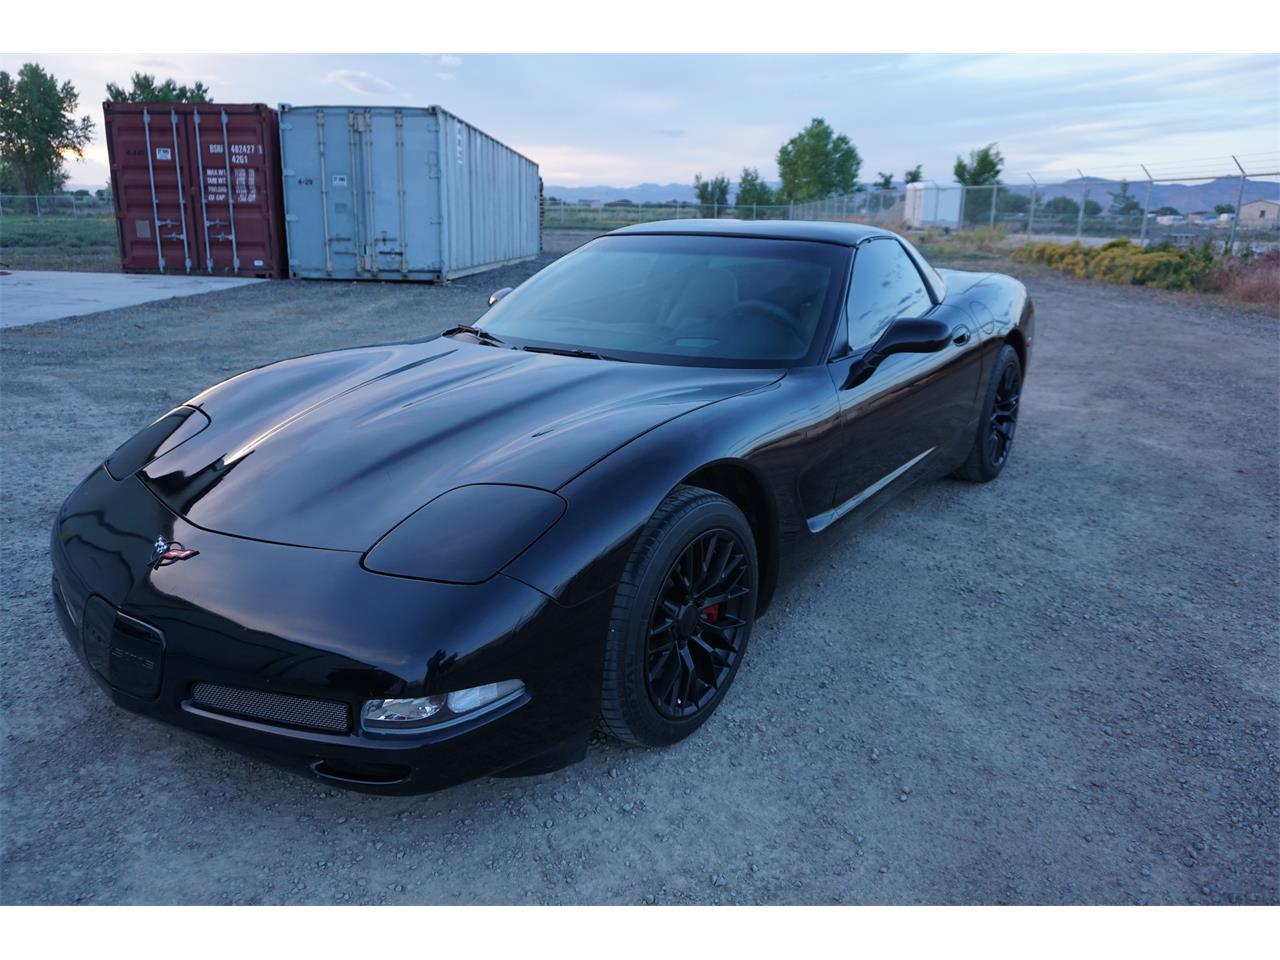 Large Picture of 2002 Corvette - $15,000.00 - Q8JM